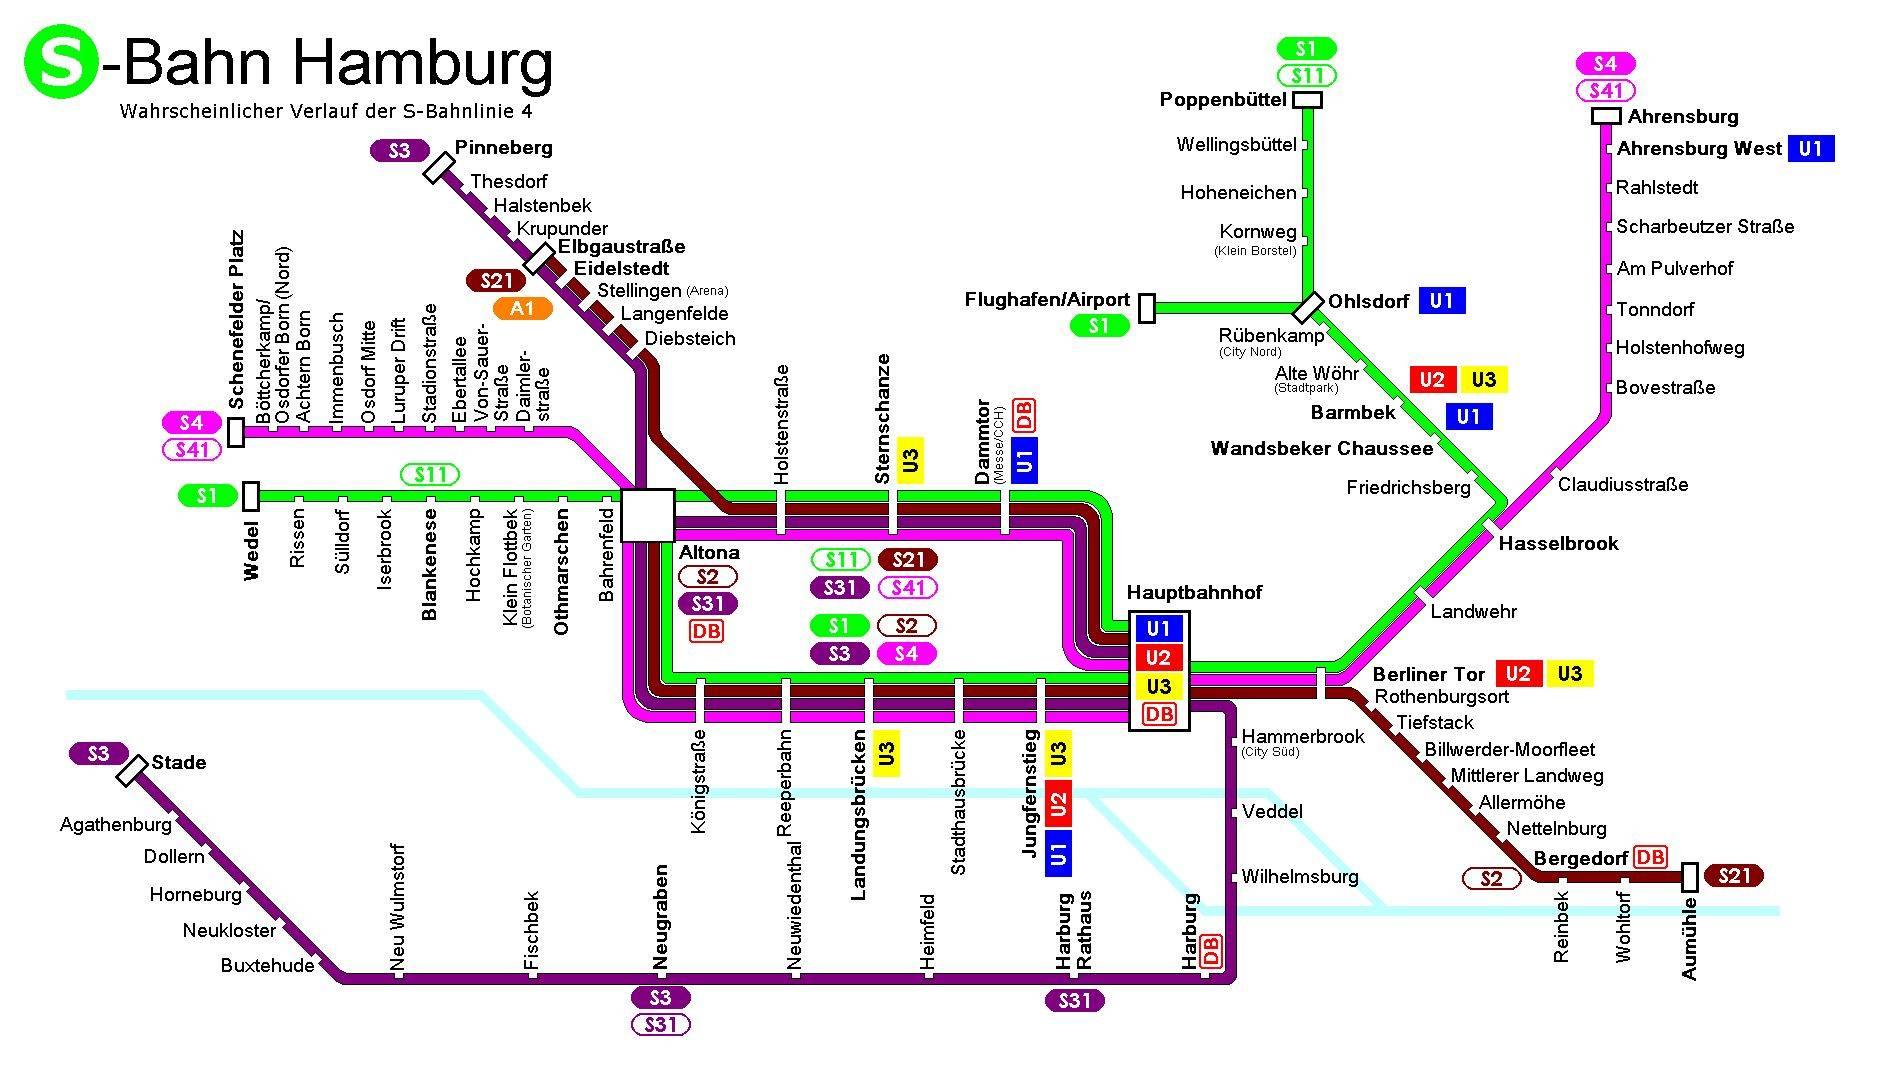 Из берлина в гамбург — как добраться на поезде и автобусе, расстояние и маршрут на машине, советы и отзывы туристов